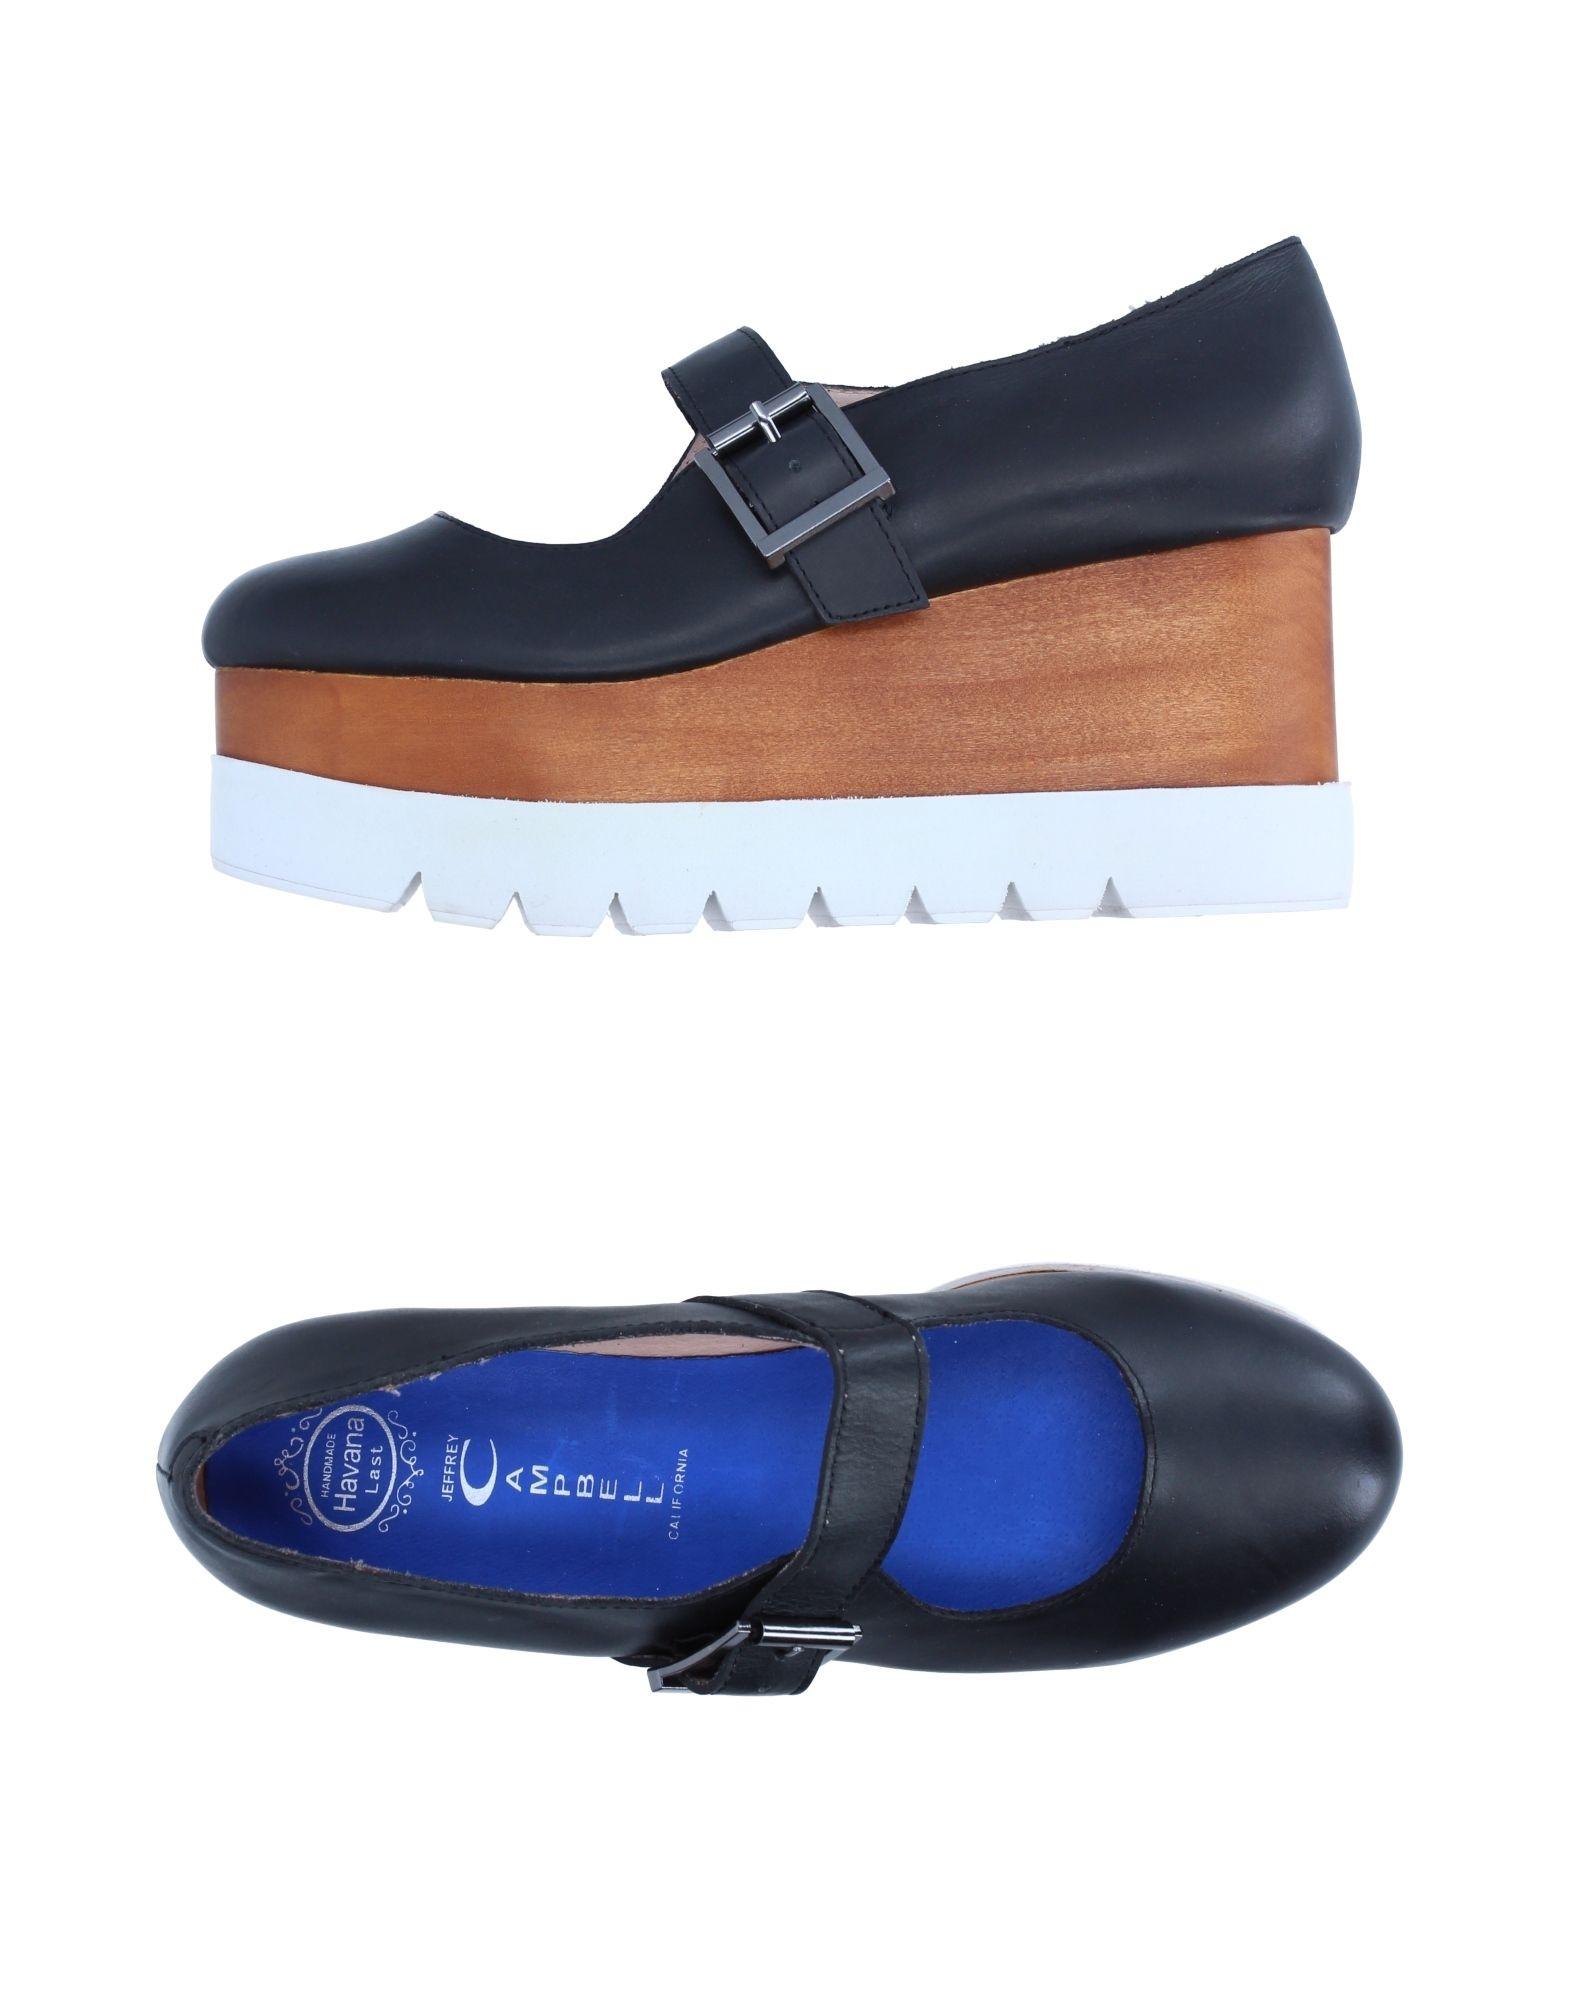 Jeffrey Campbell Schuhe Pumps Damen  11252849JB Neue Schuhe Campbell 39dcbc